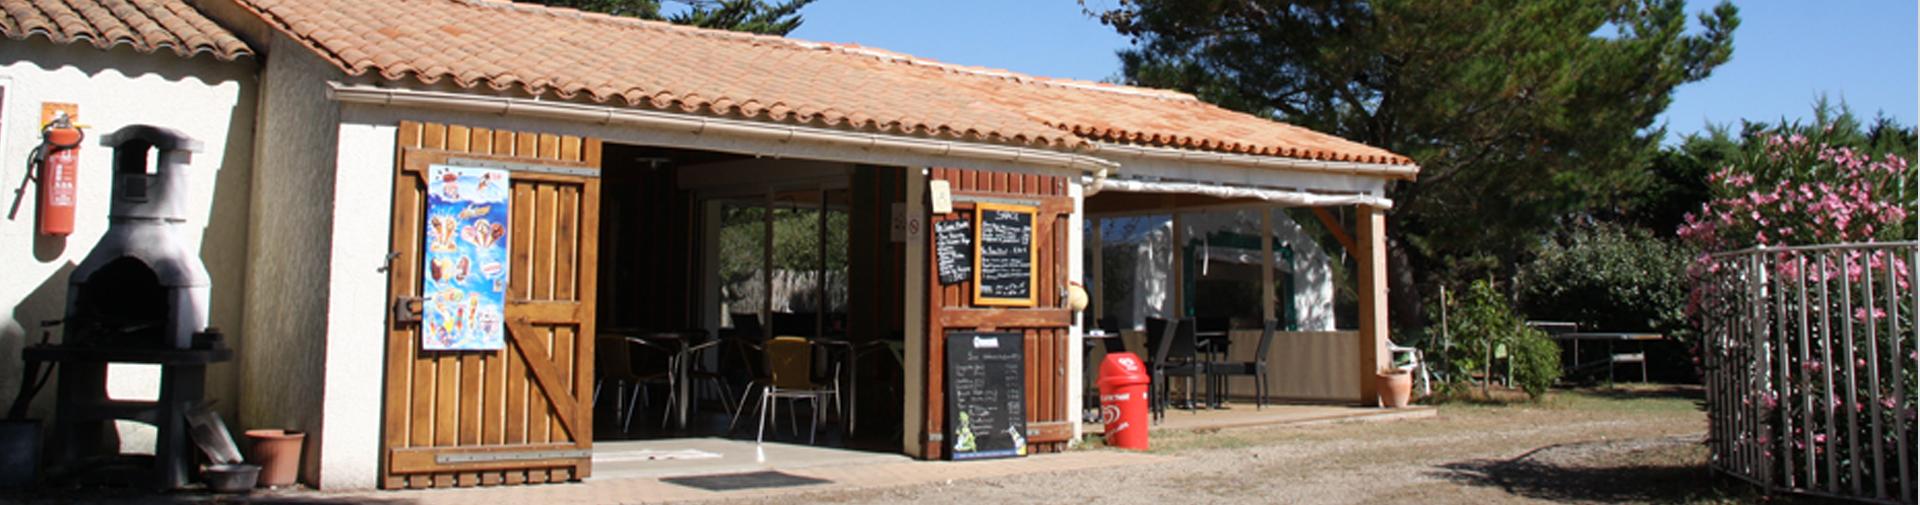 Le snack et le bar sont à votre disposition au camping sur l'île d'Oléron